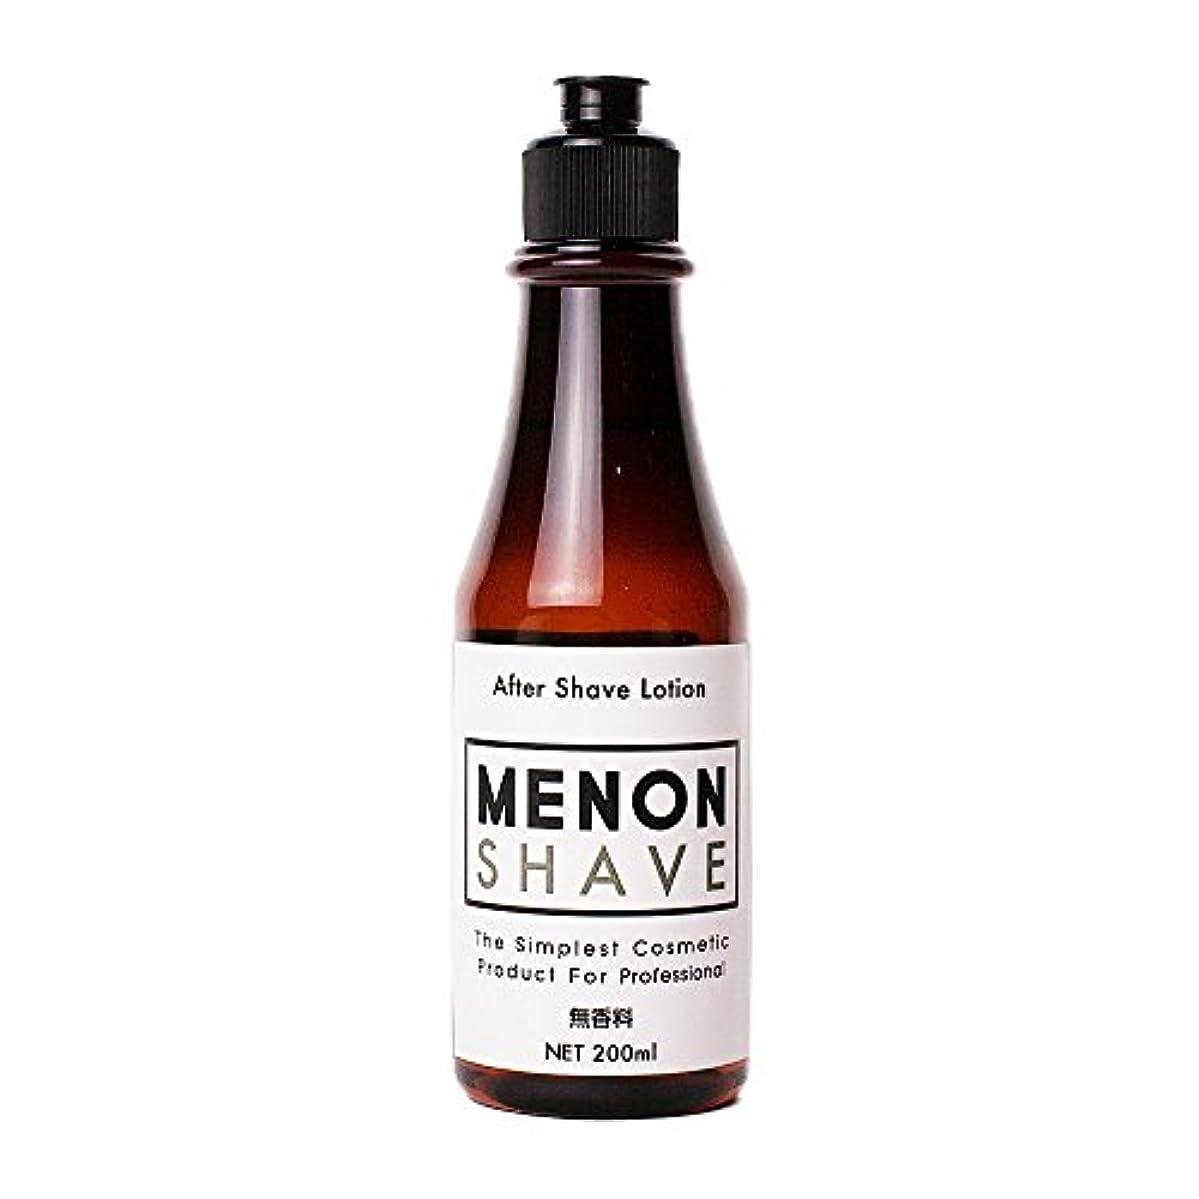 オーガニックコア概要MENON メノン アフターシェーブローション 200ml 青髭対策 濃いひげ 青ひげに 抑毛効果の期待できる植物エキス配合